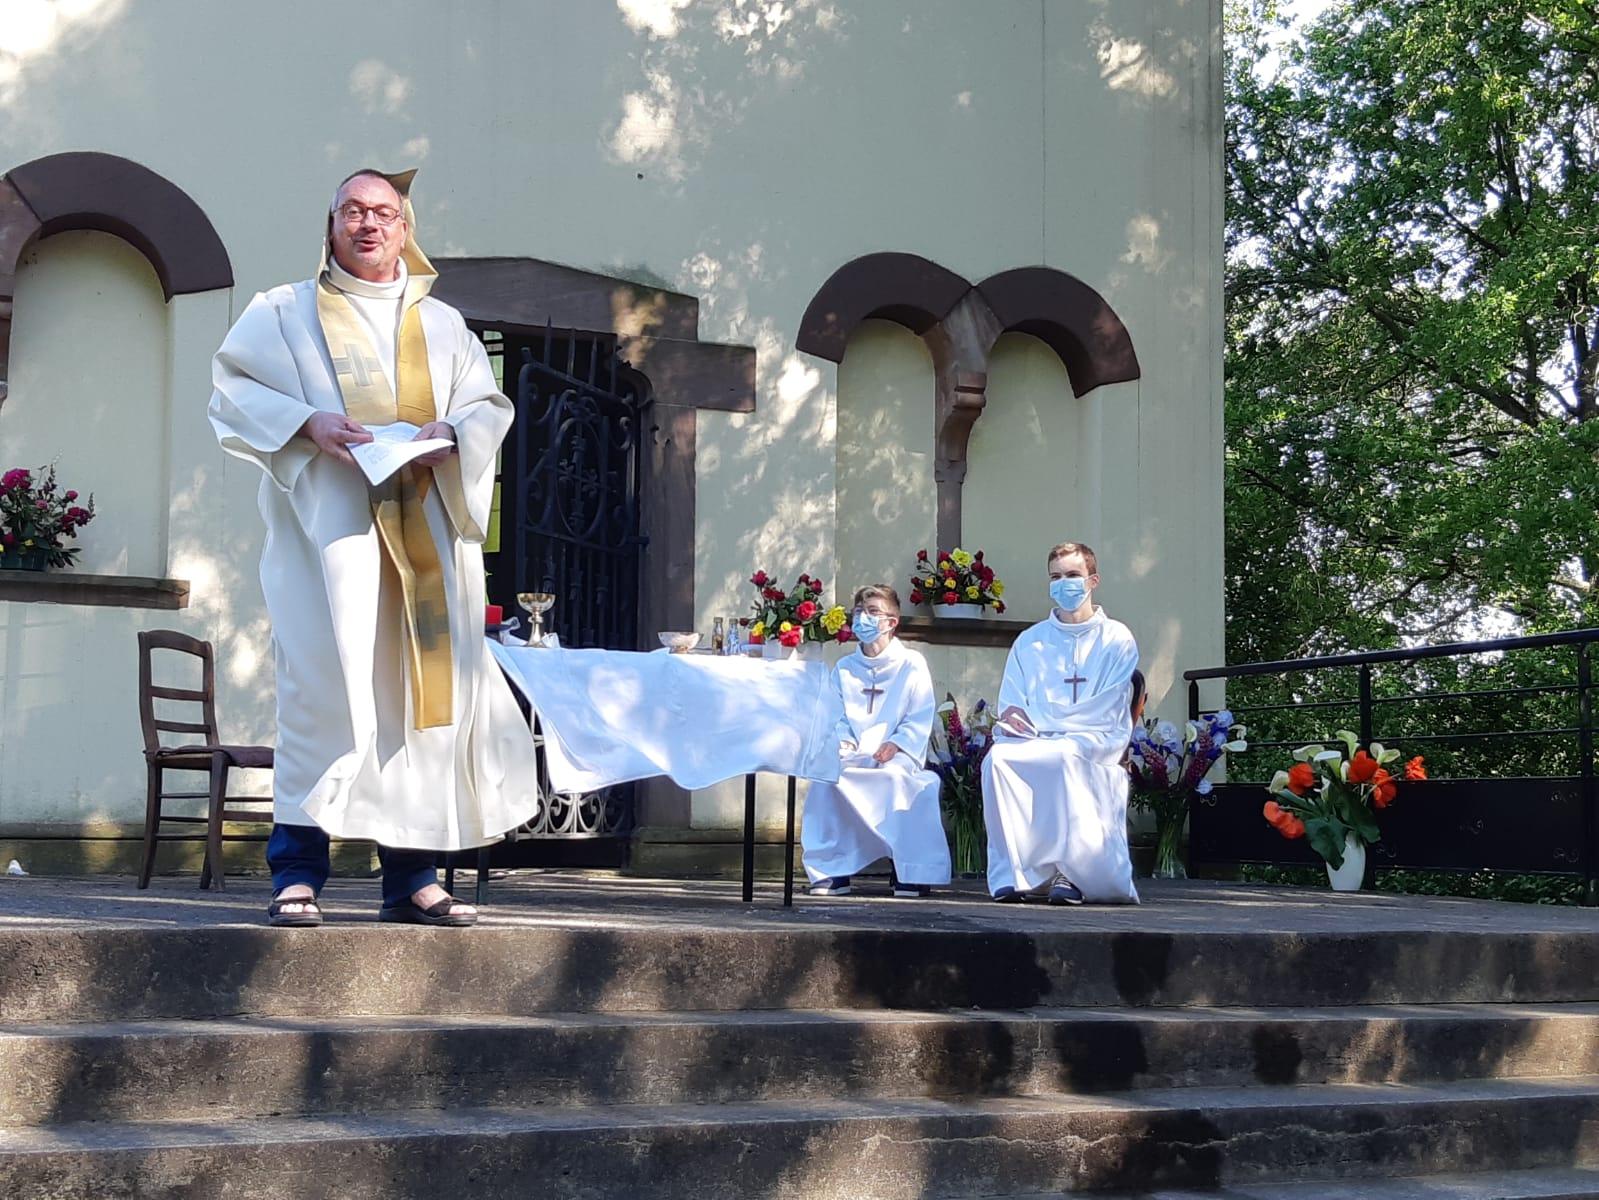 Célébration de la Sainte Trinité - Chapelle St Materne - 30 mai 2021